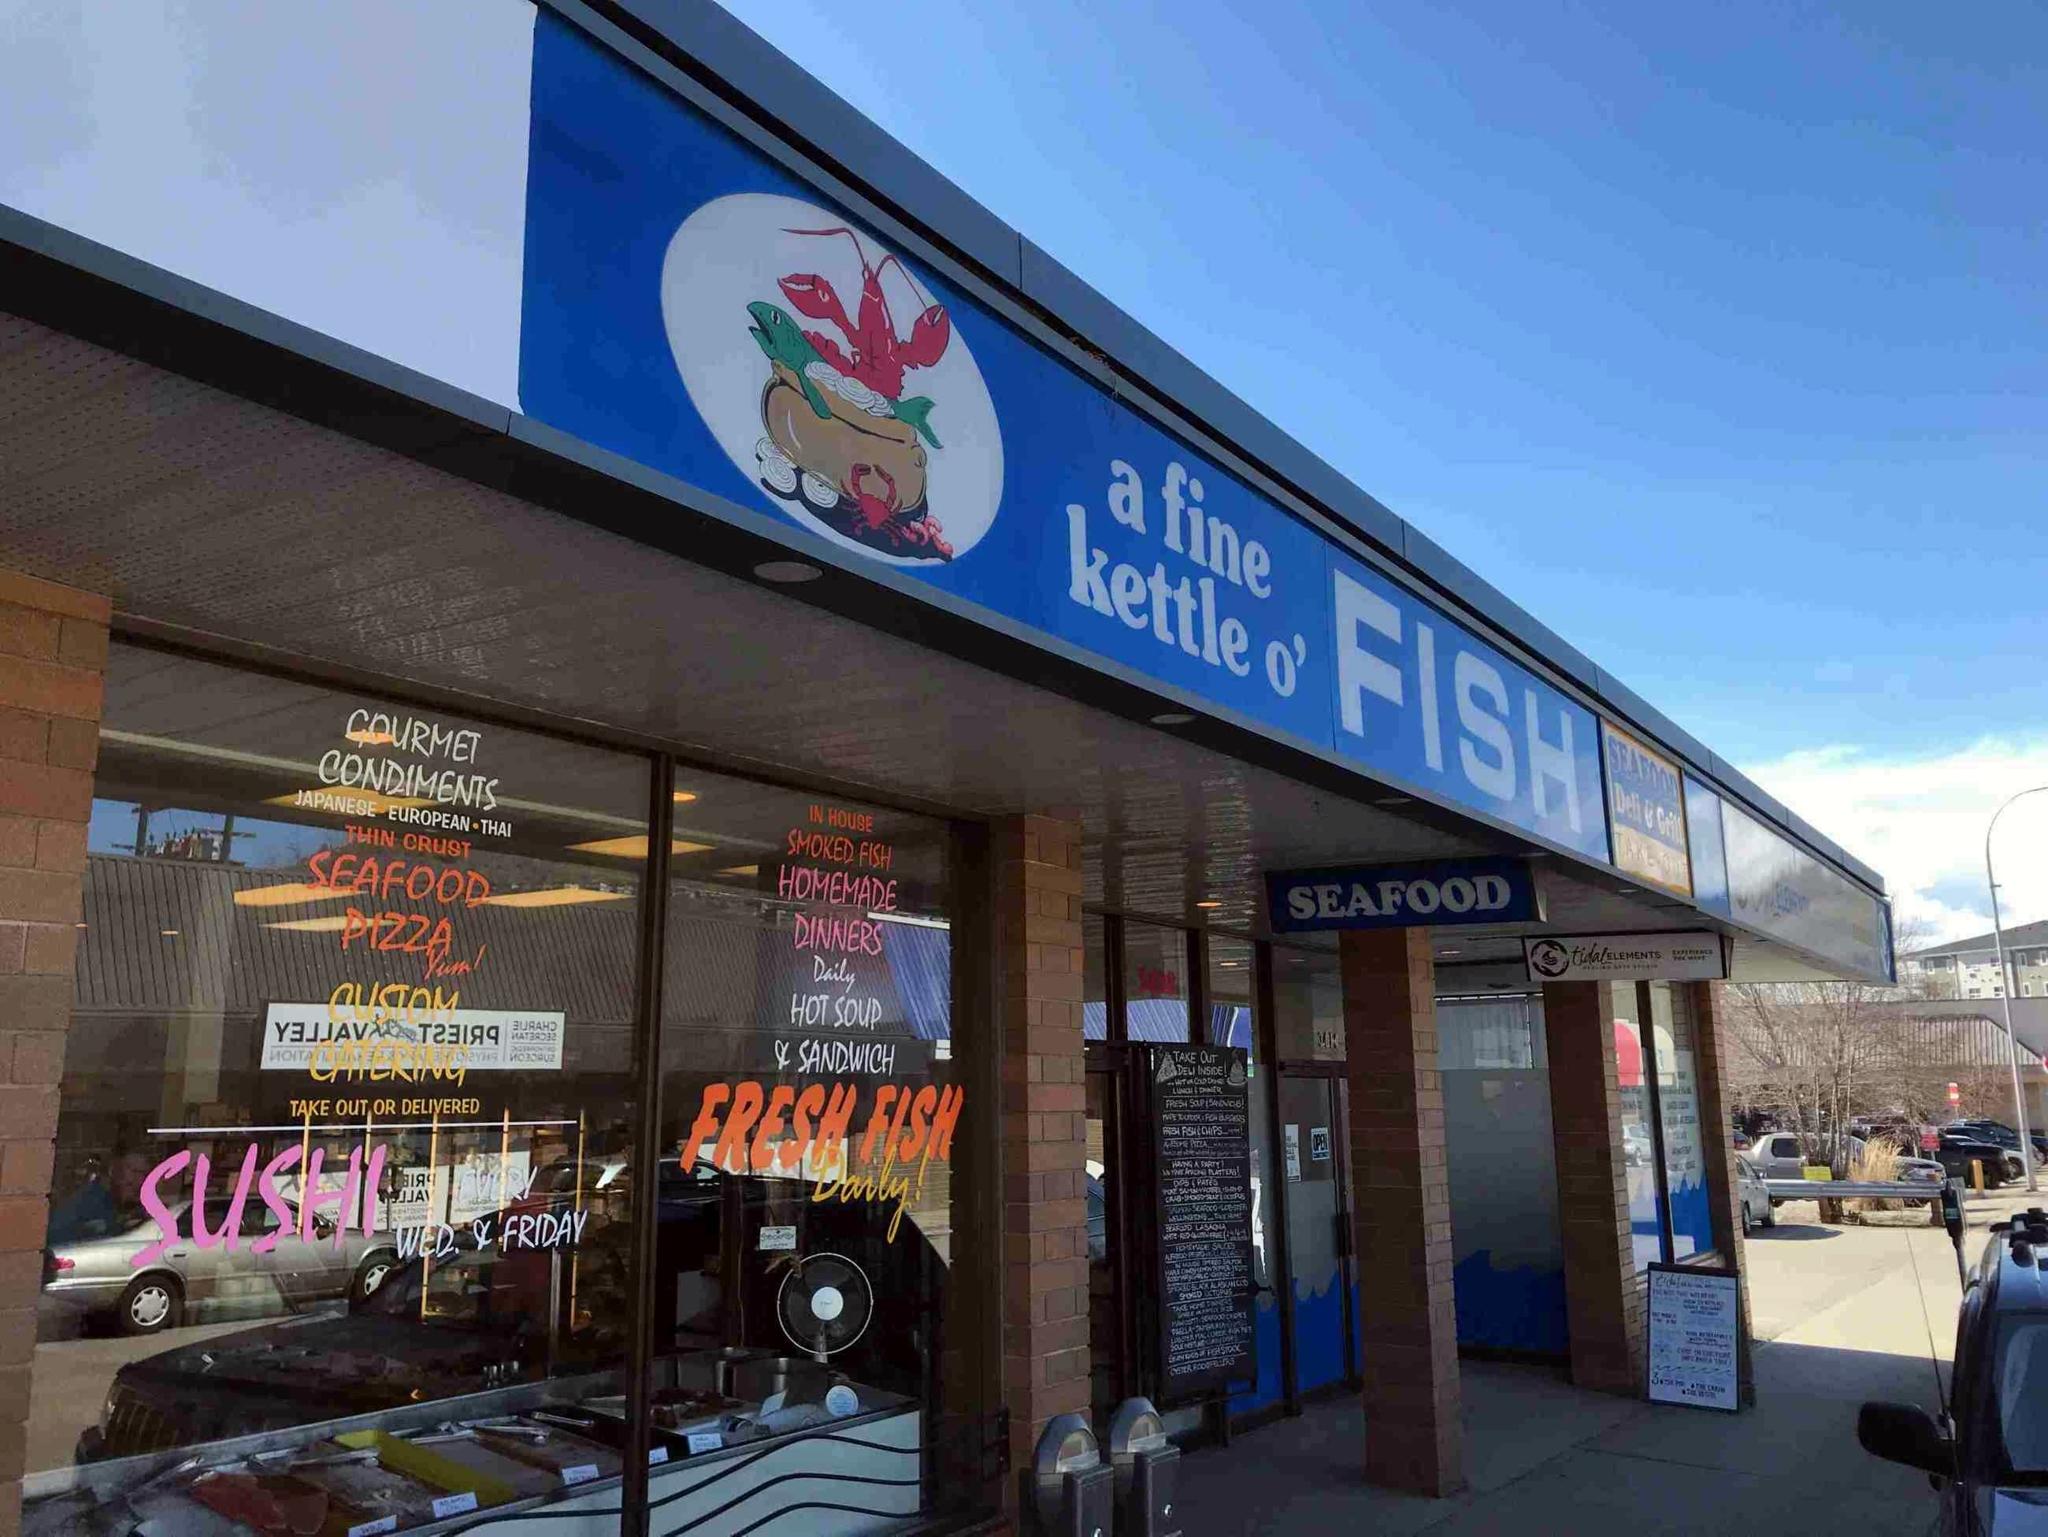 A Fine Kettle O' Fish in Vernon